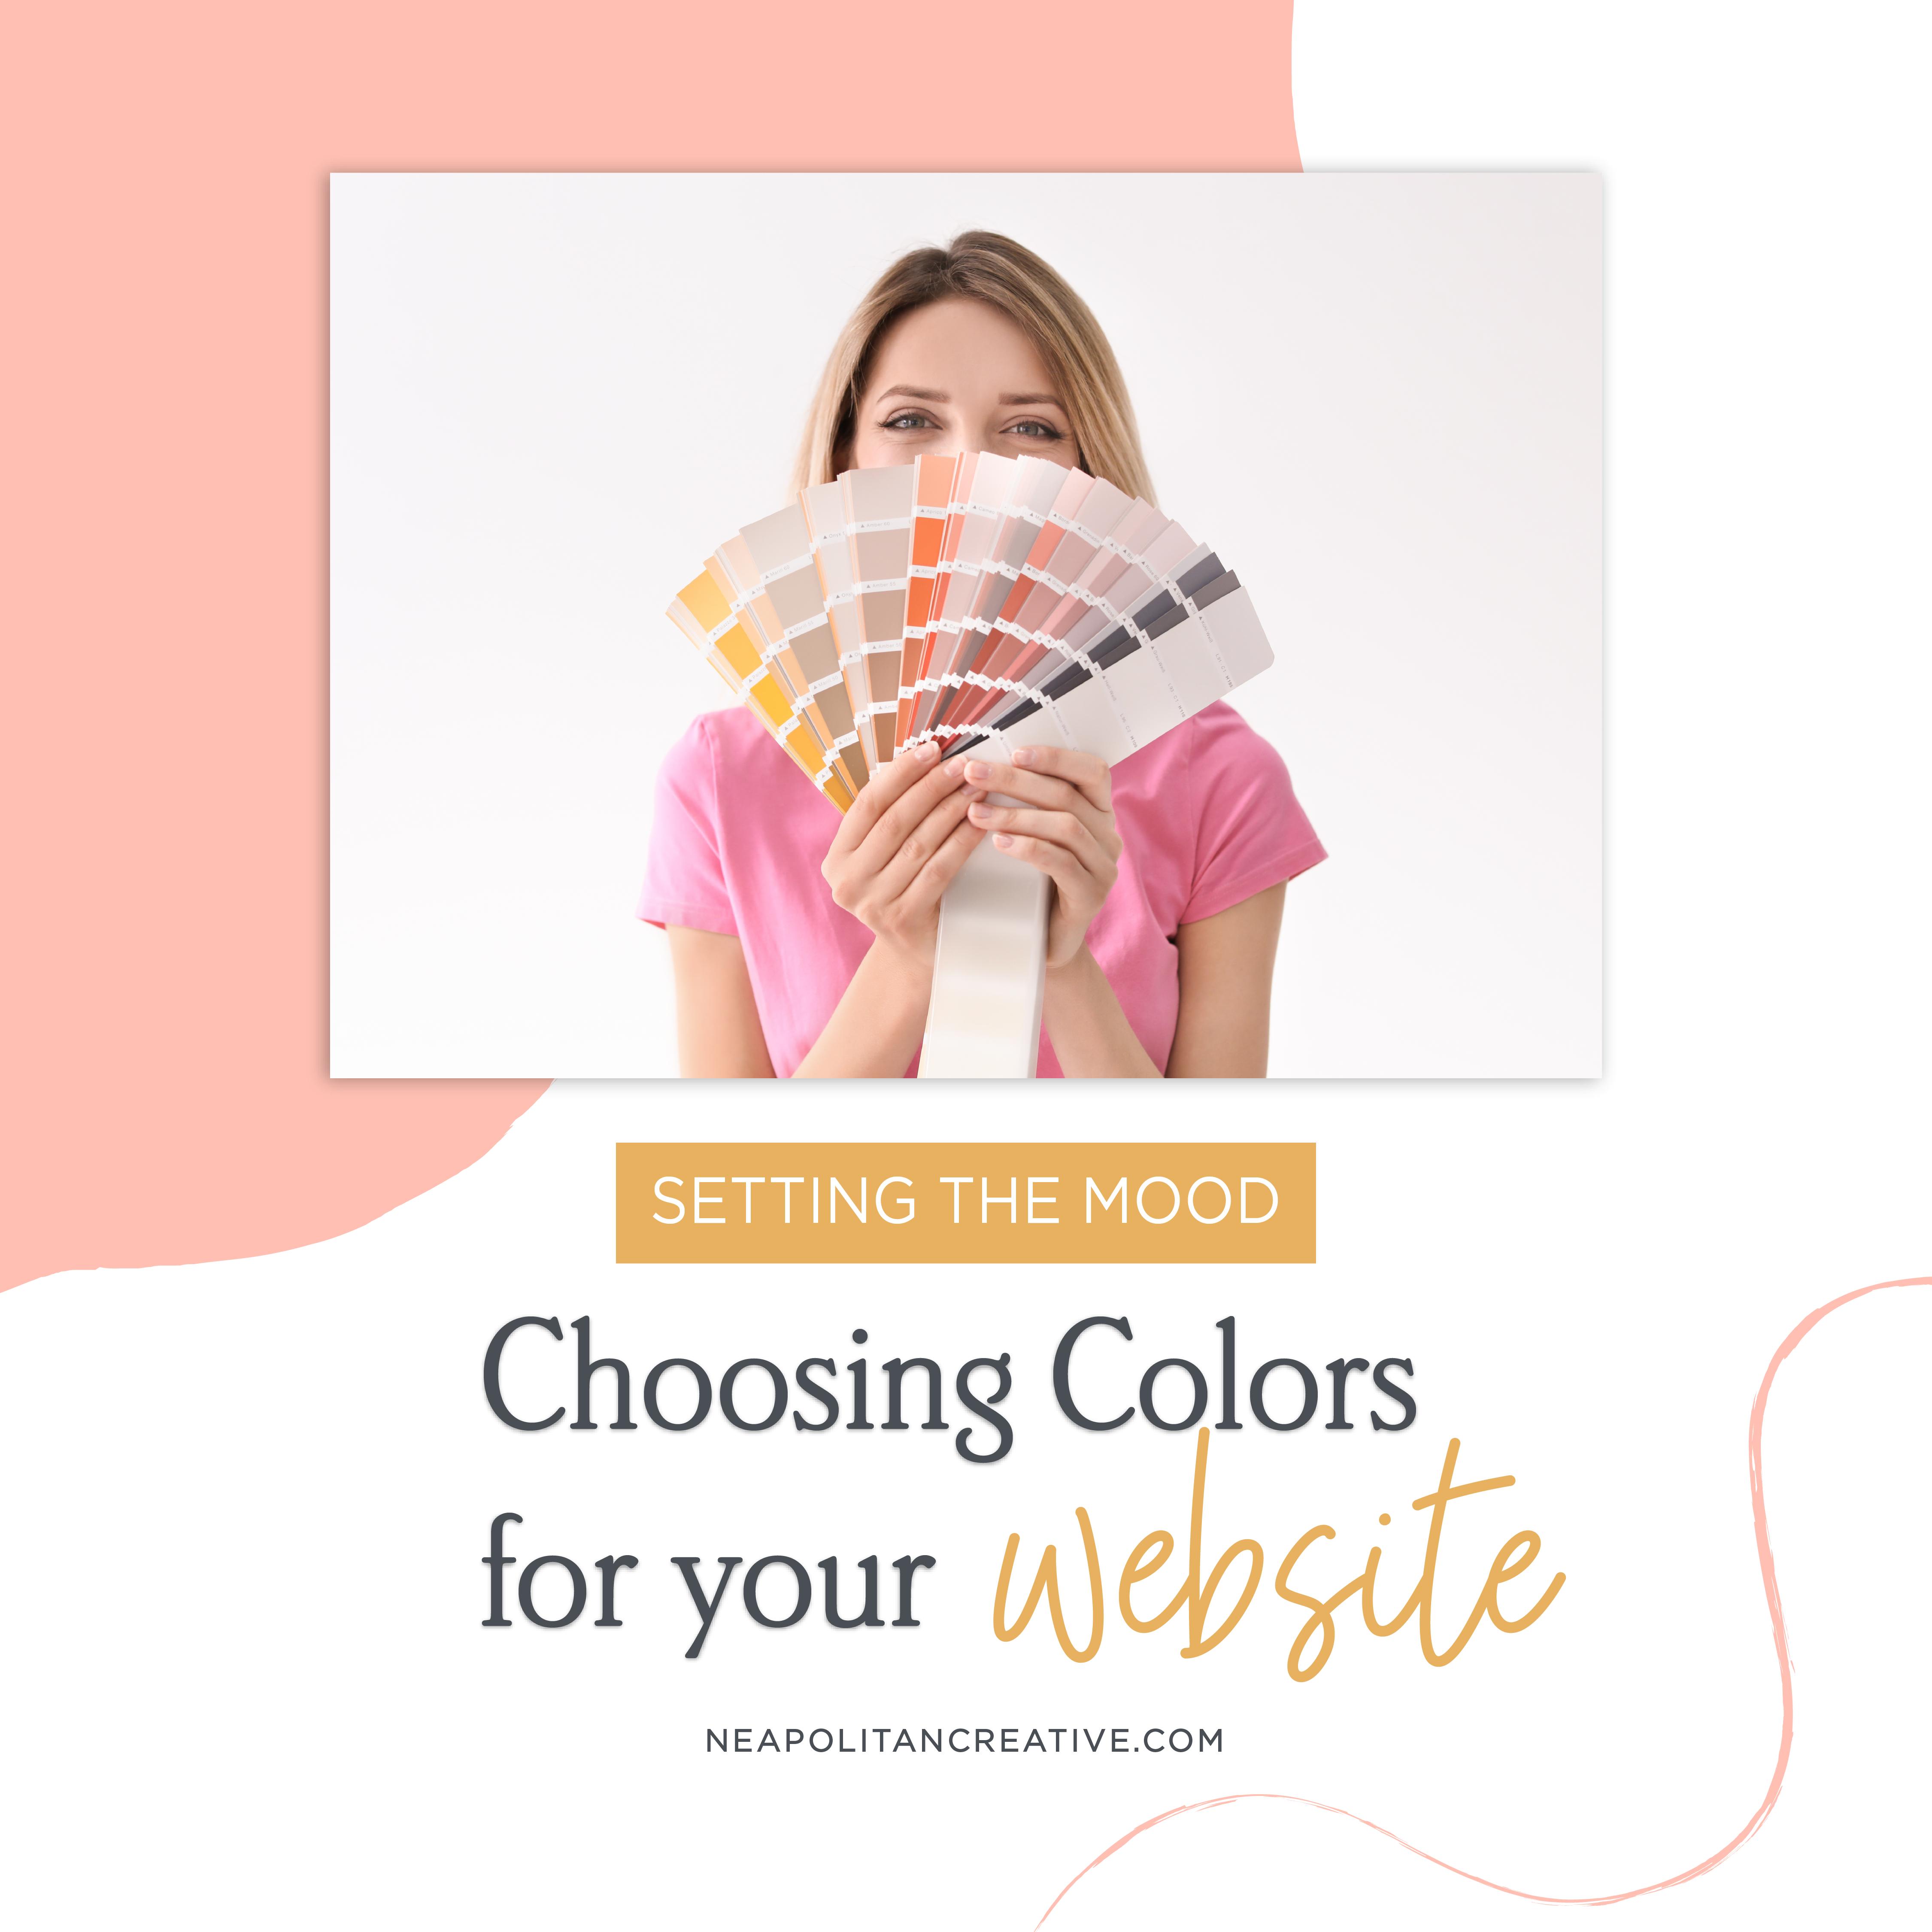 choosing colors webiste url-18